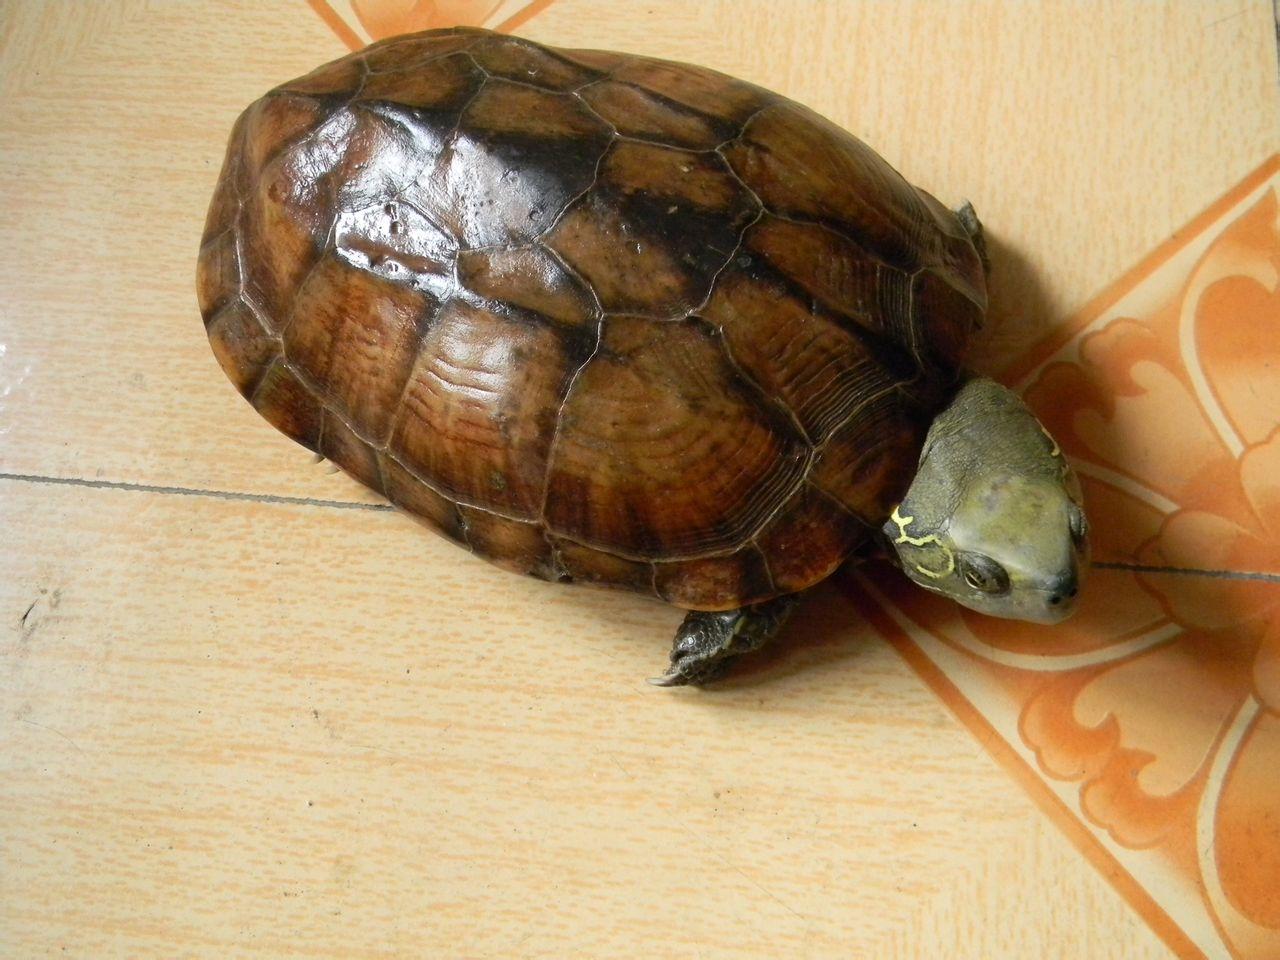 乌龟什么颜色好_我想知道这龟是什么品种,能值多少钱?大概能有六七斤重